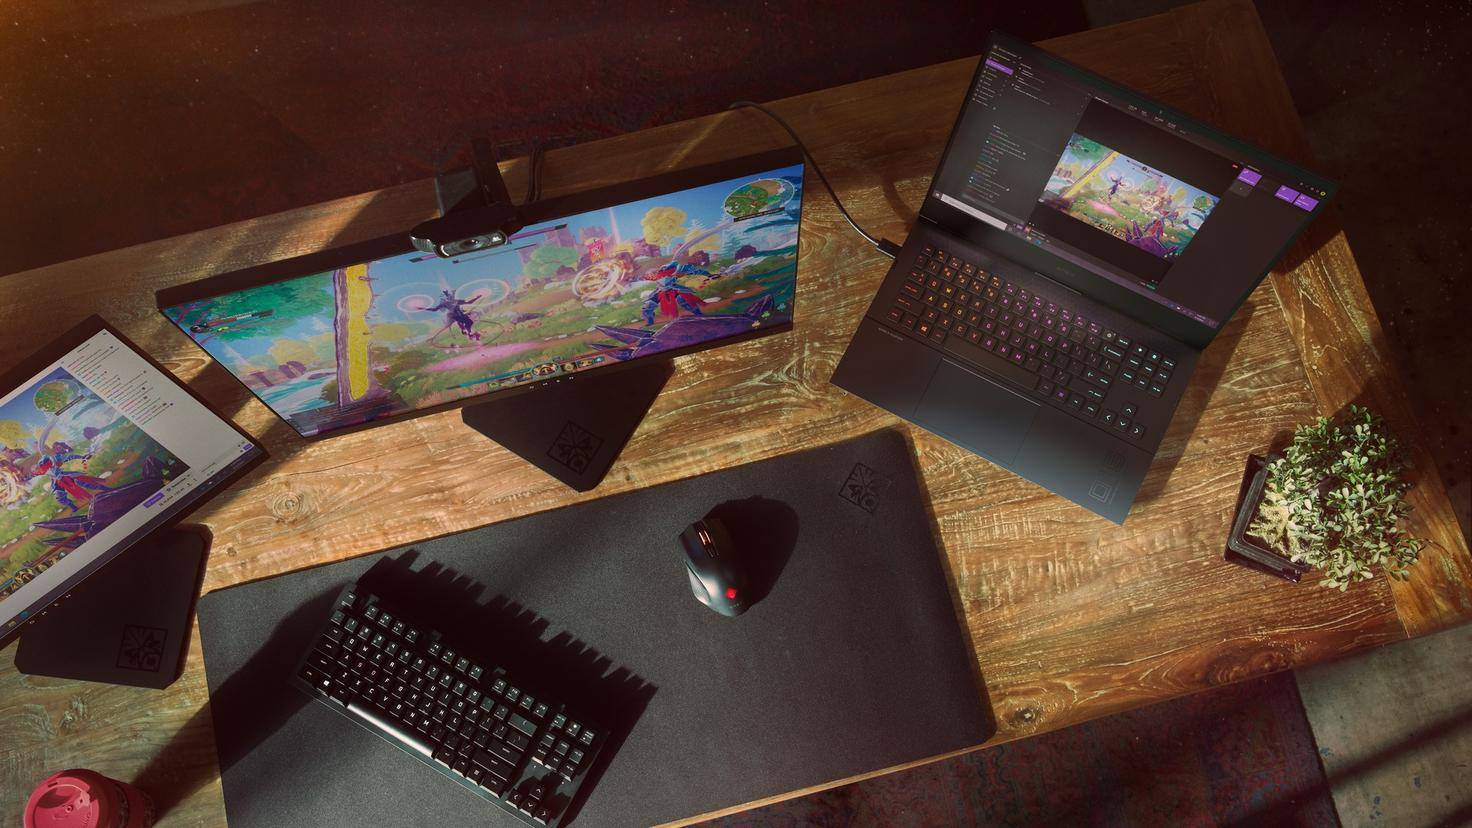 OMEN-16-Gaming-Laptop-Notebook